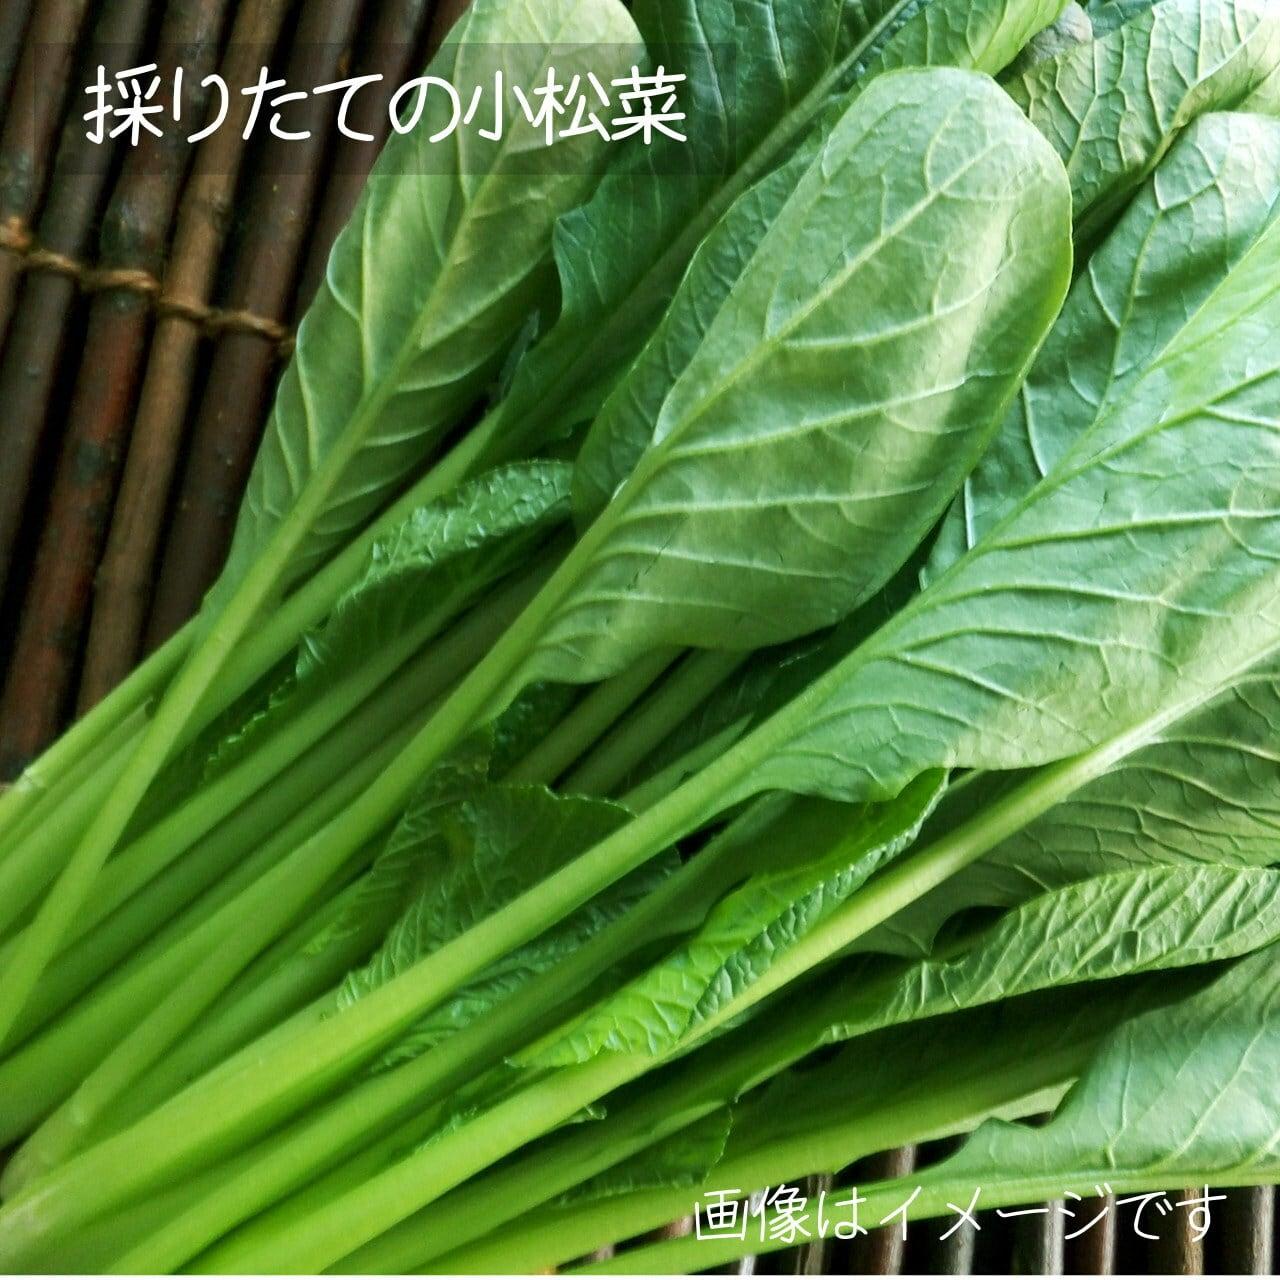 5月の朝採り直売野菜:小松菜 約400g 春の新鮮野菜 5月15日発送予定